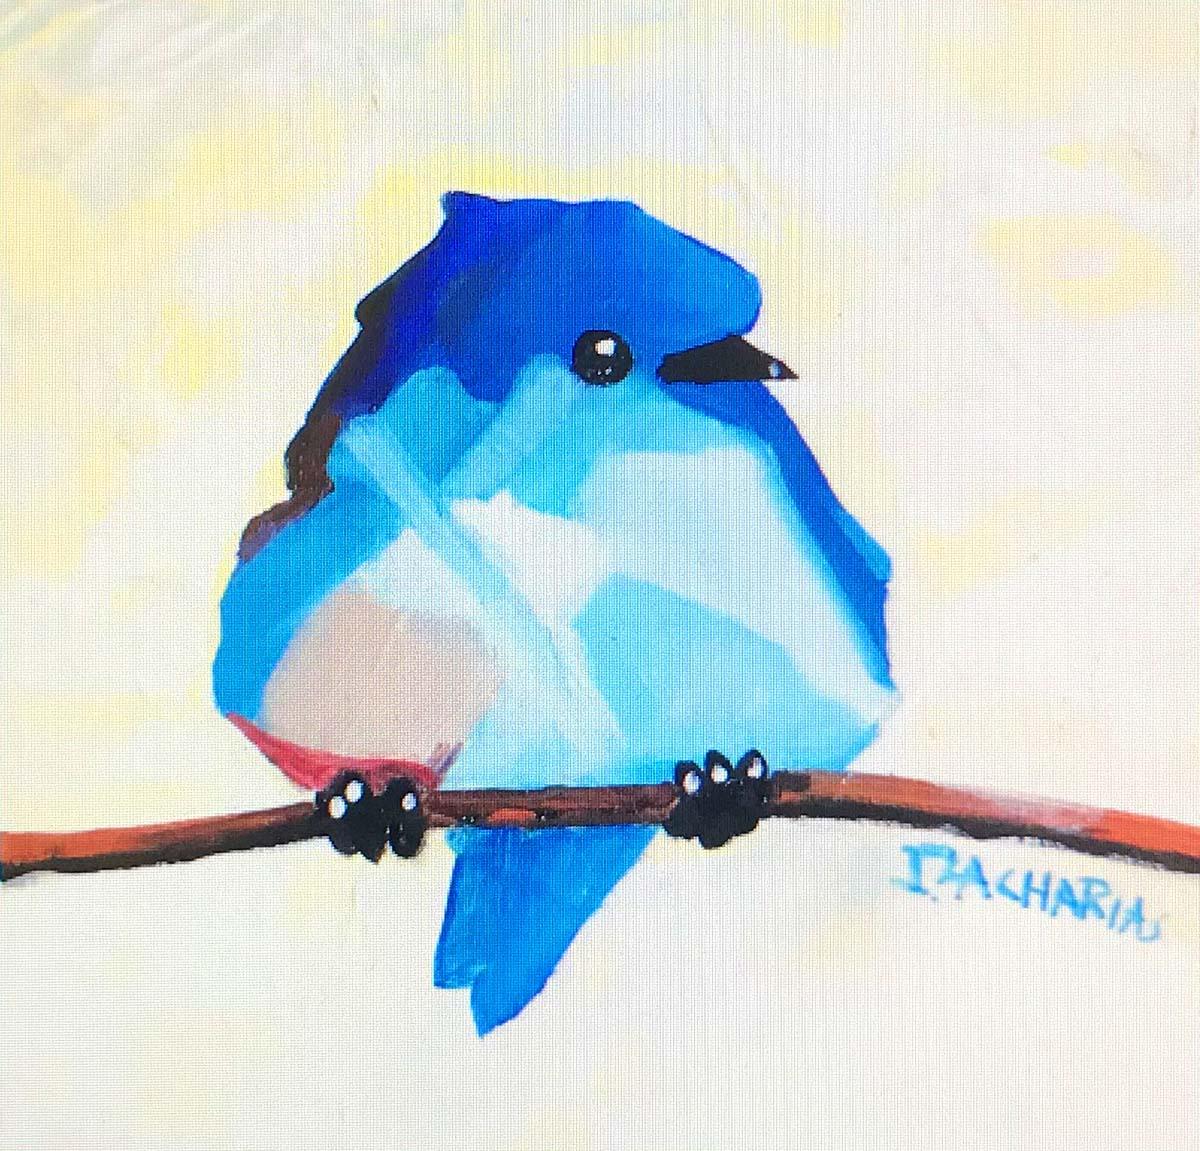 Baby Blue - John Zacharias